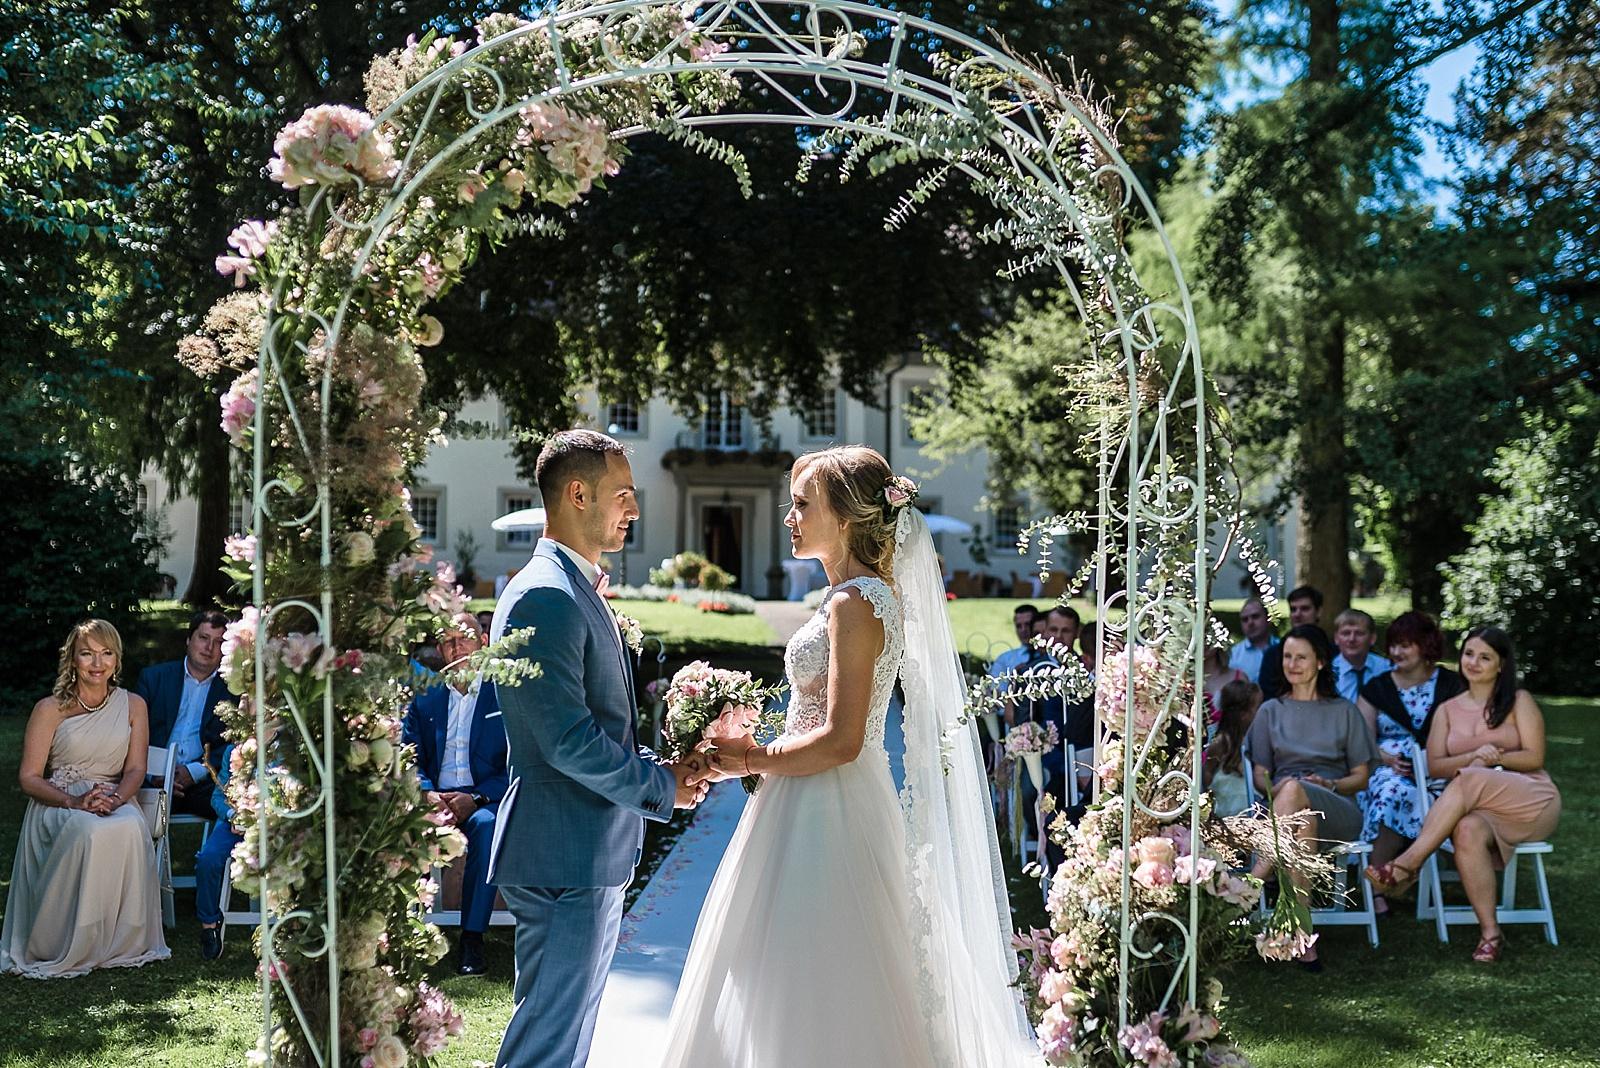 Hochzeit Im Wald Und Schlosshotel Friedrichsruhe 34 Hochzeits Und